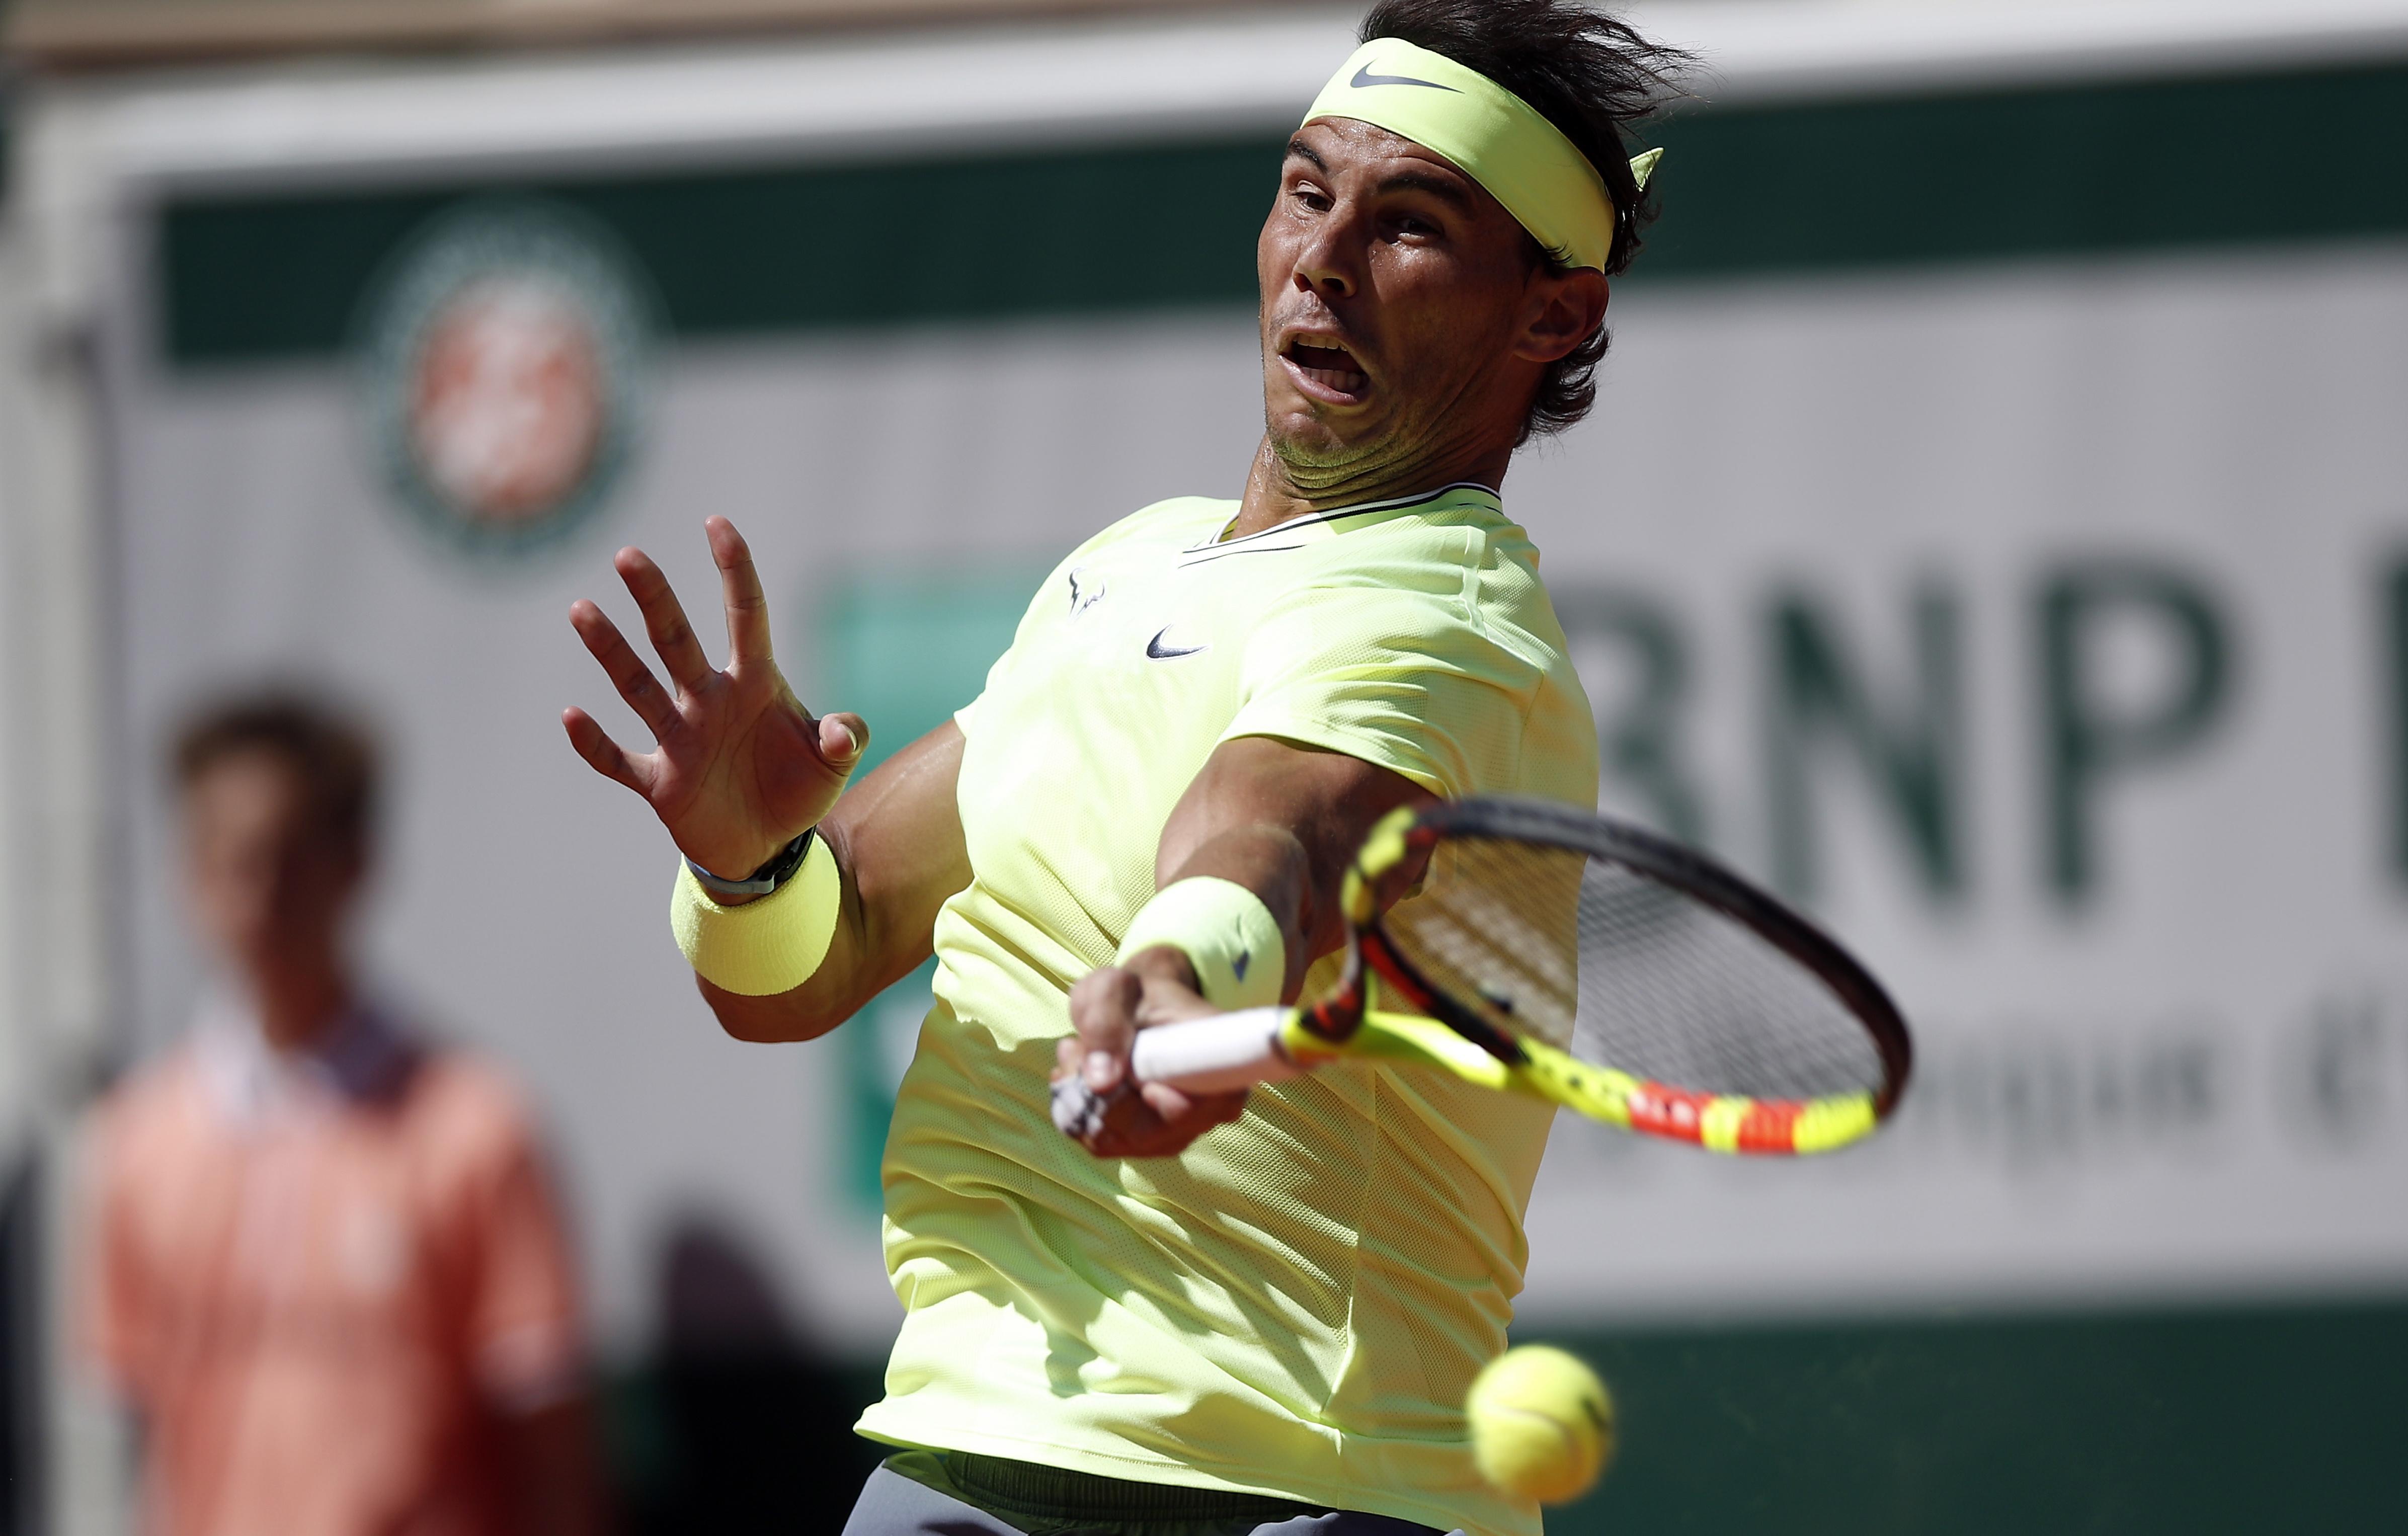 法網納達爾晉級八強 以3比0戰勝隆代羅